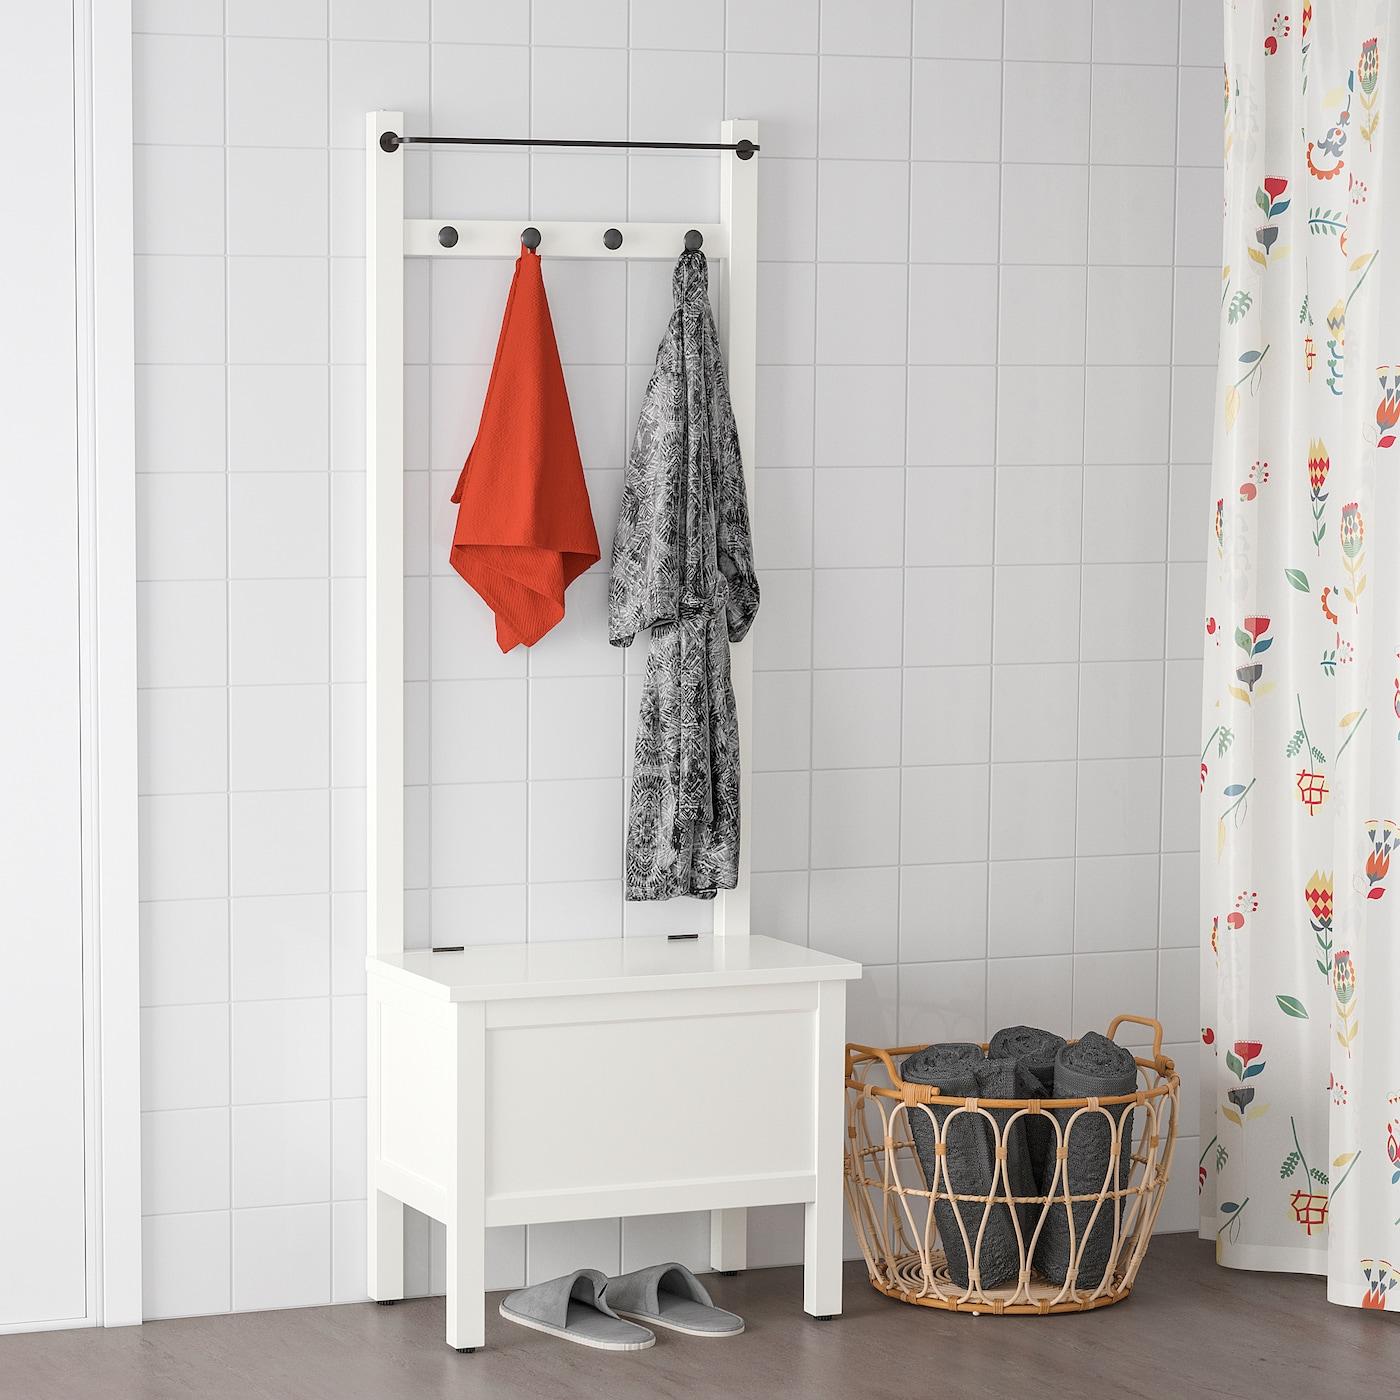 HEMNES pad tárolóval+törölköző tartó/4 ak fehér 64 cm 37 cm 173 cm